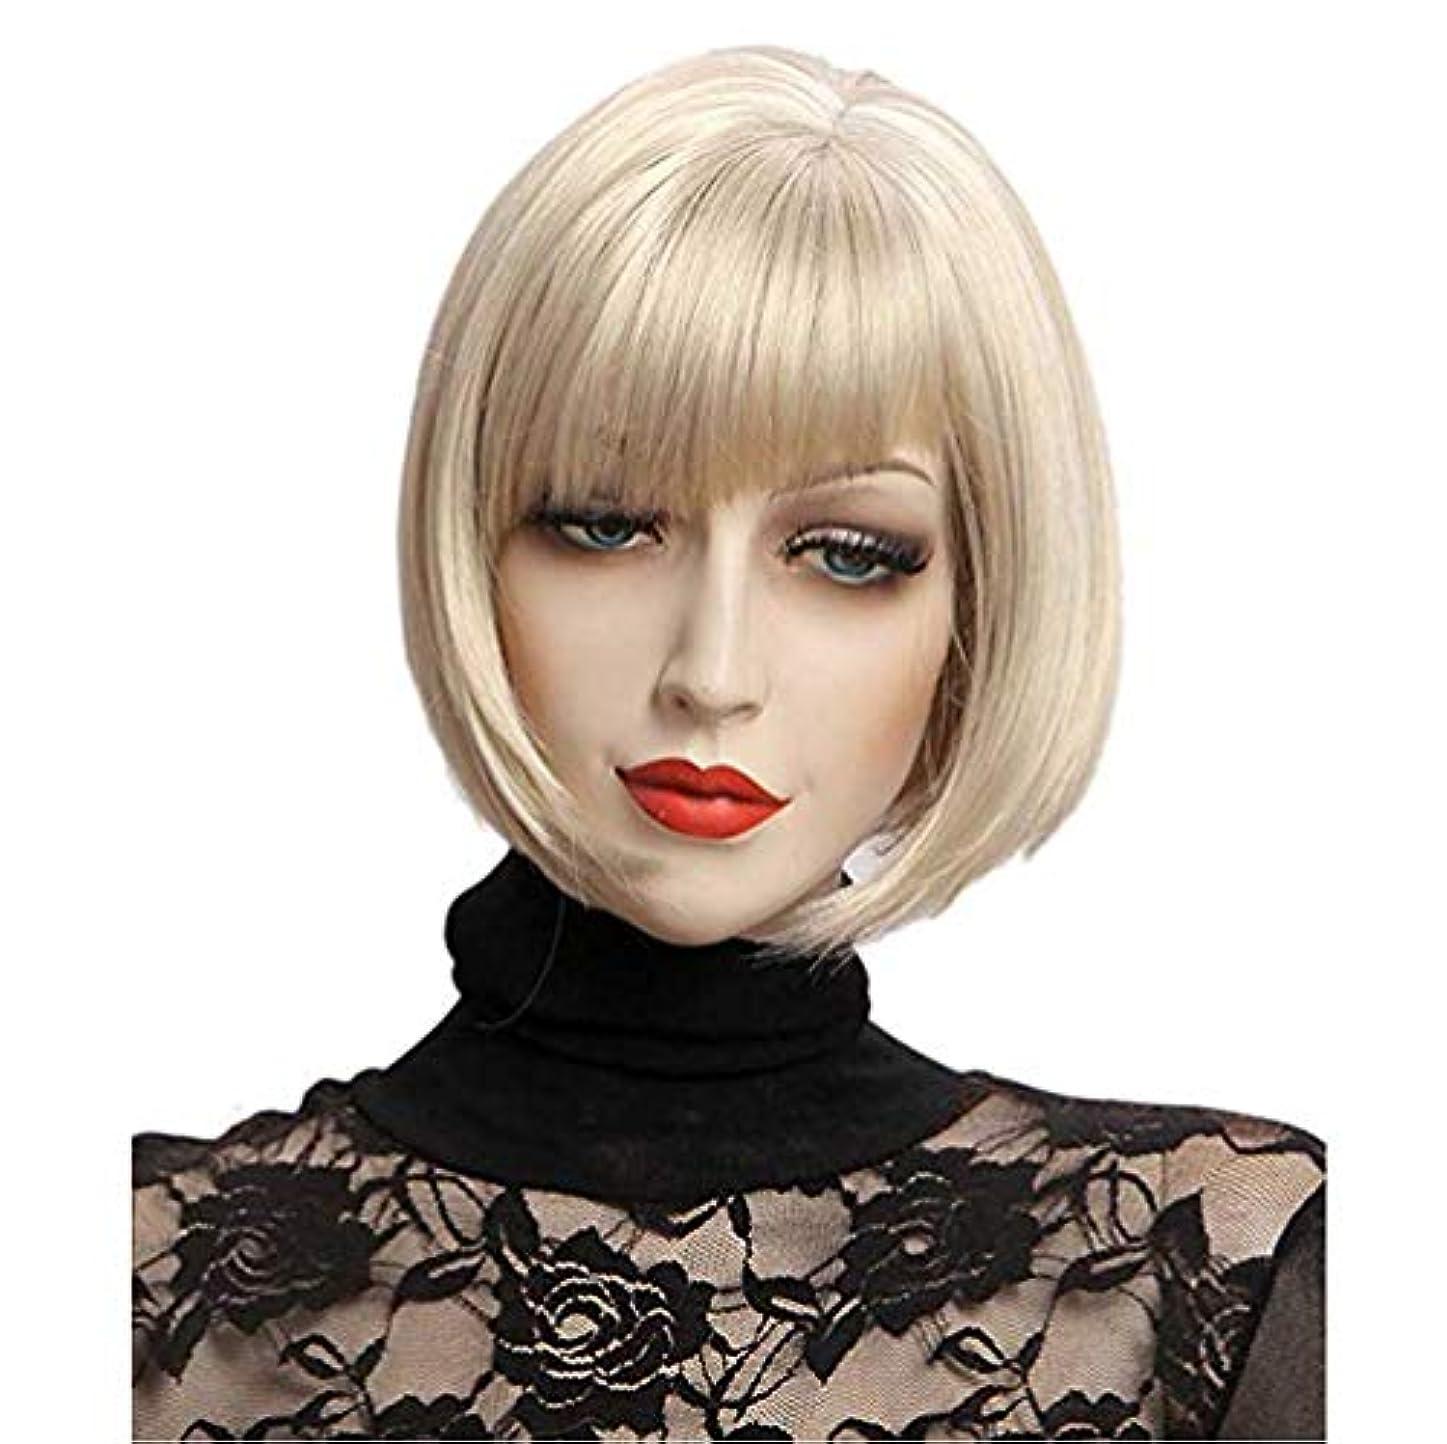 関係境界似ている女性合成ボブショートウィッグカラー耐熱コスプレパーティーヘアウィッグ30cm